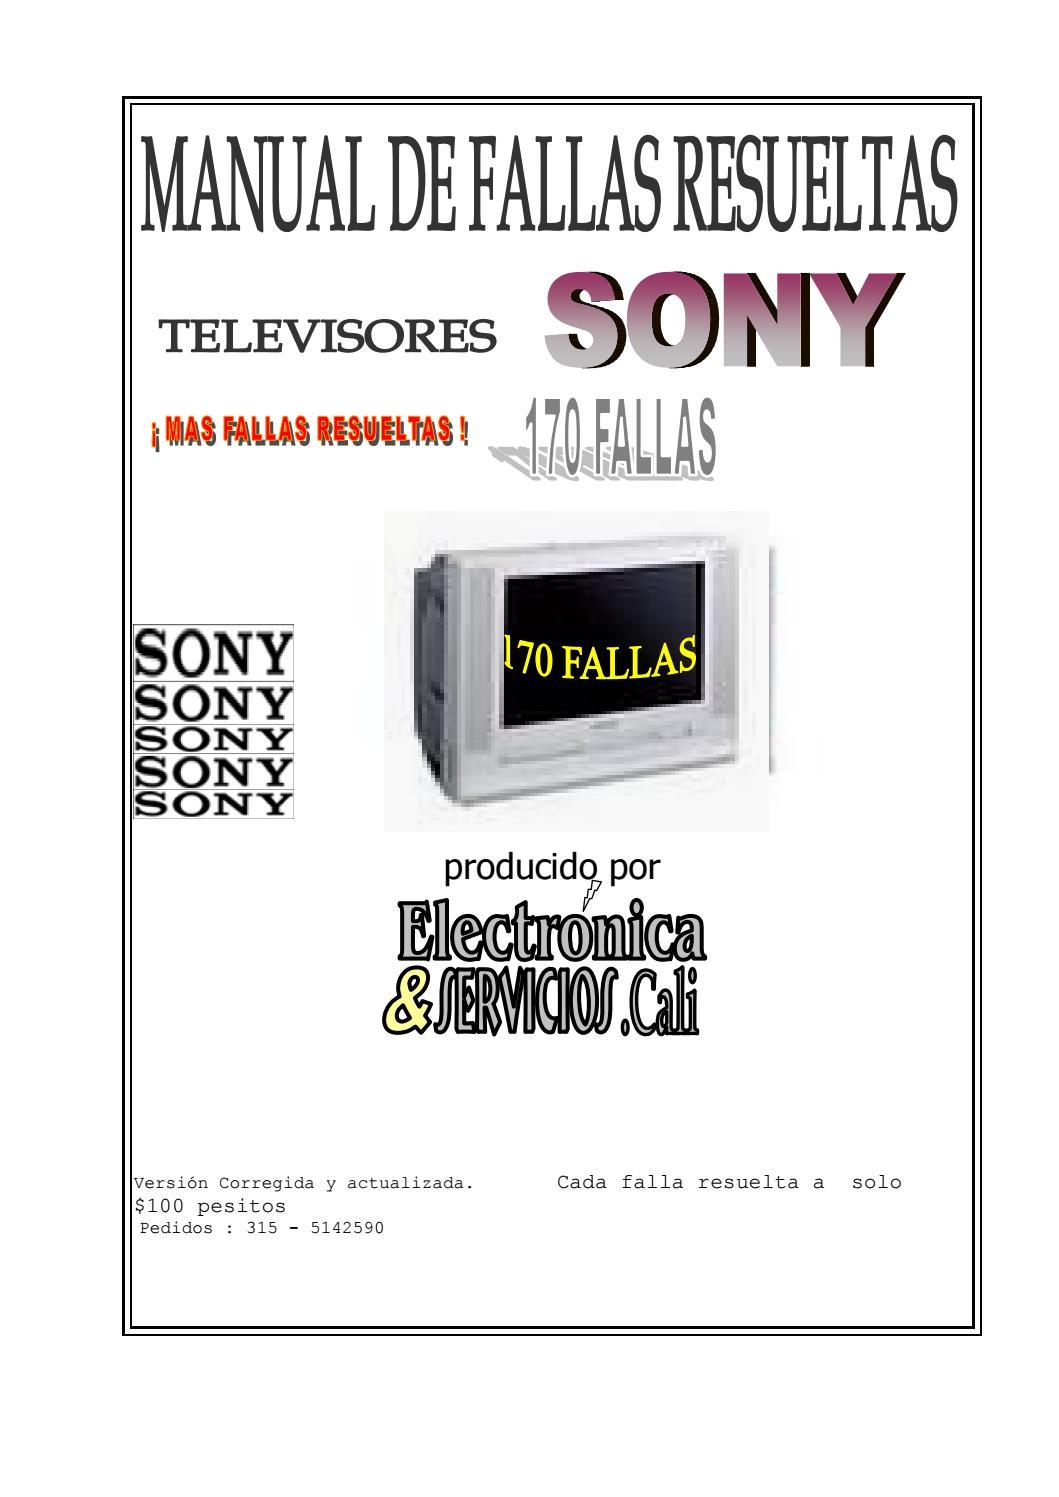 Manual de fallas tv Sony. by Hector Viloria Soto - issuu